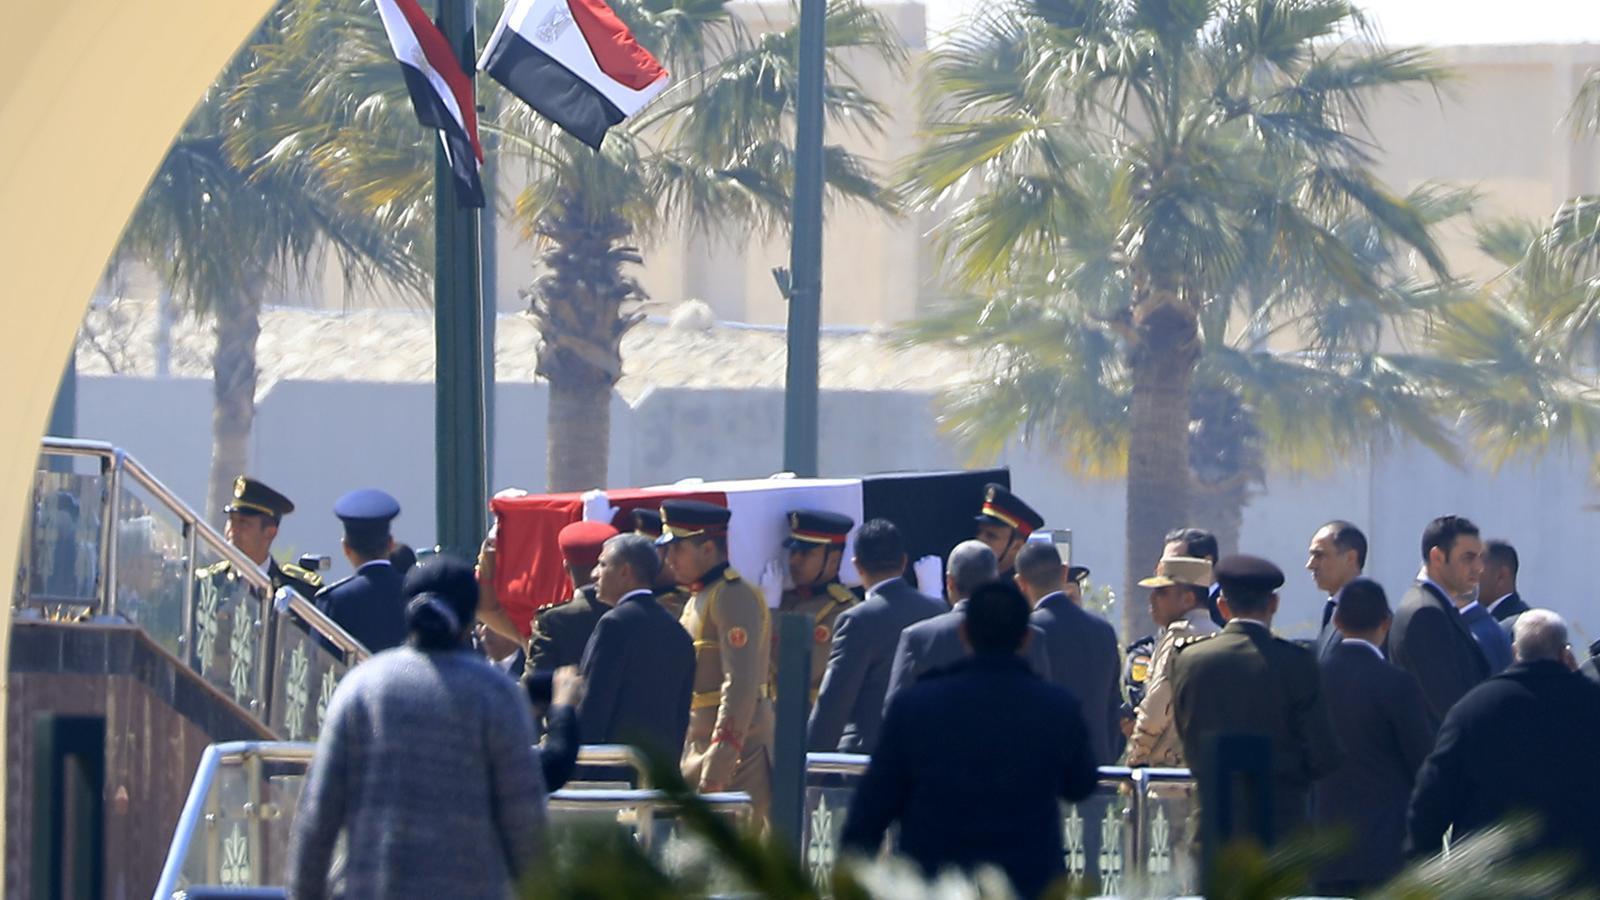 Funeral de l'exmandatari Hosni Mubàrak aquest dimecres a El Caire, Egipte